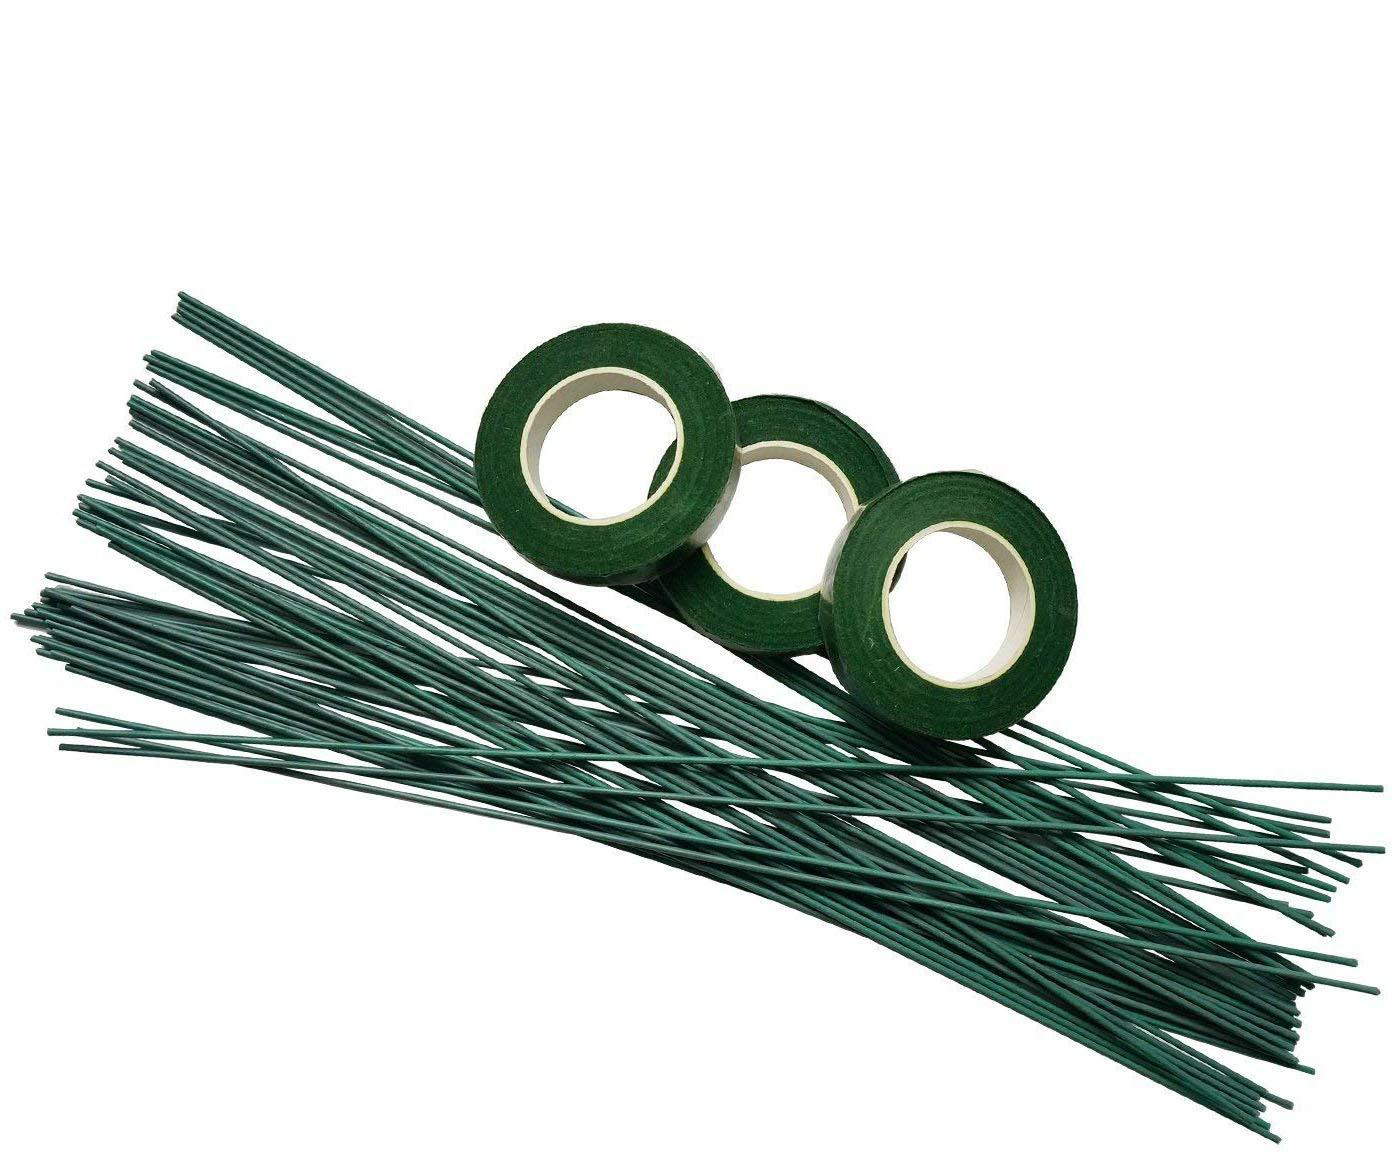 50 pz Stelo Filo Floreale Fili Fiori Fioresti di 40cm con 3 pz Verde Natro Adesivo in Tessuto per Fiori Decorativi Verde Scuro SuperHandwerk